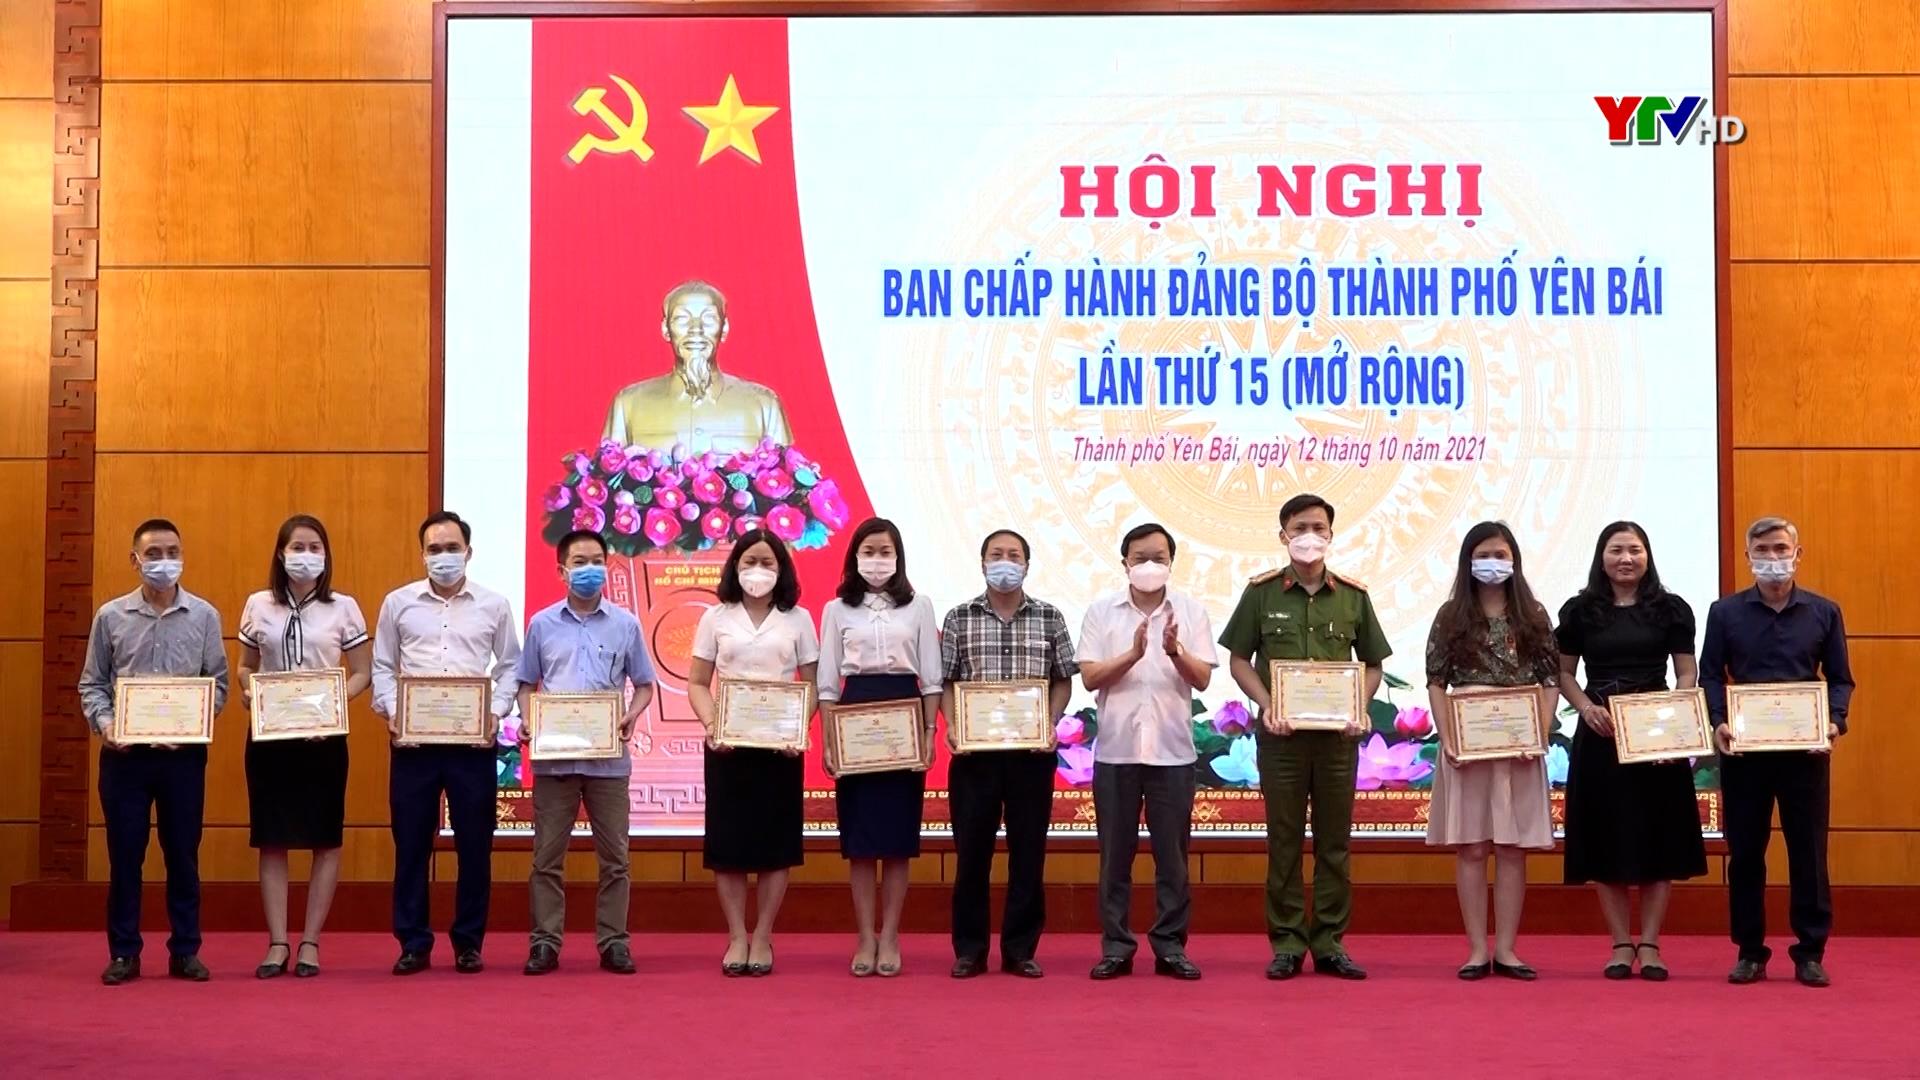 Hội nghị lần thứ 15 - Ban chấp hành Đảng bộ thành phố Yên Bái